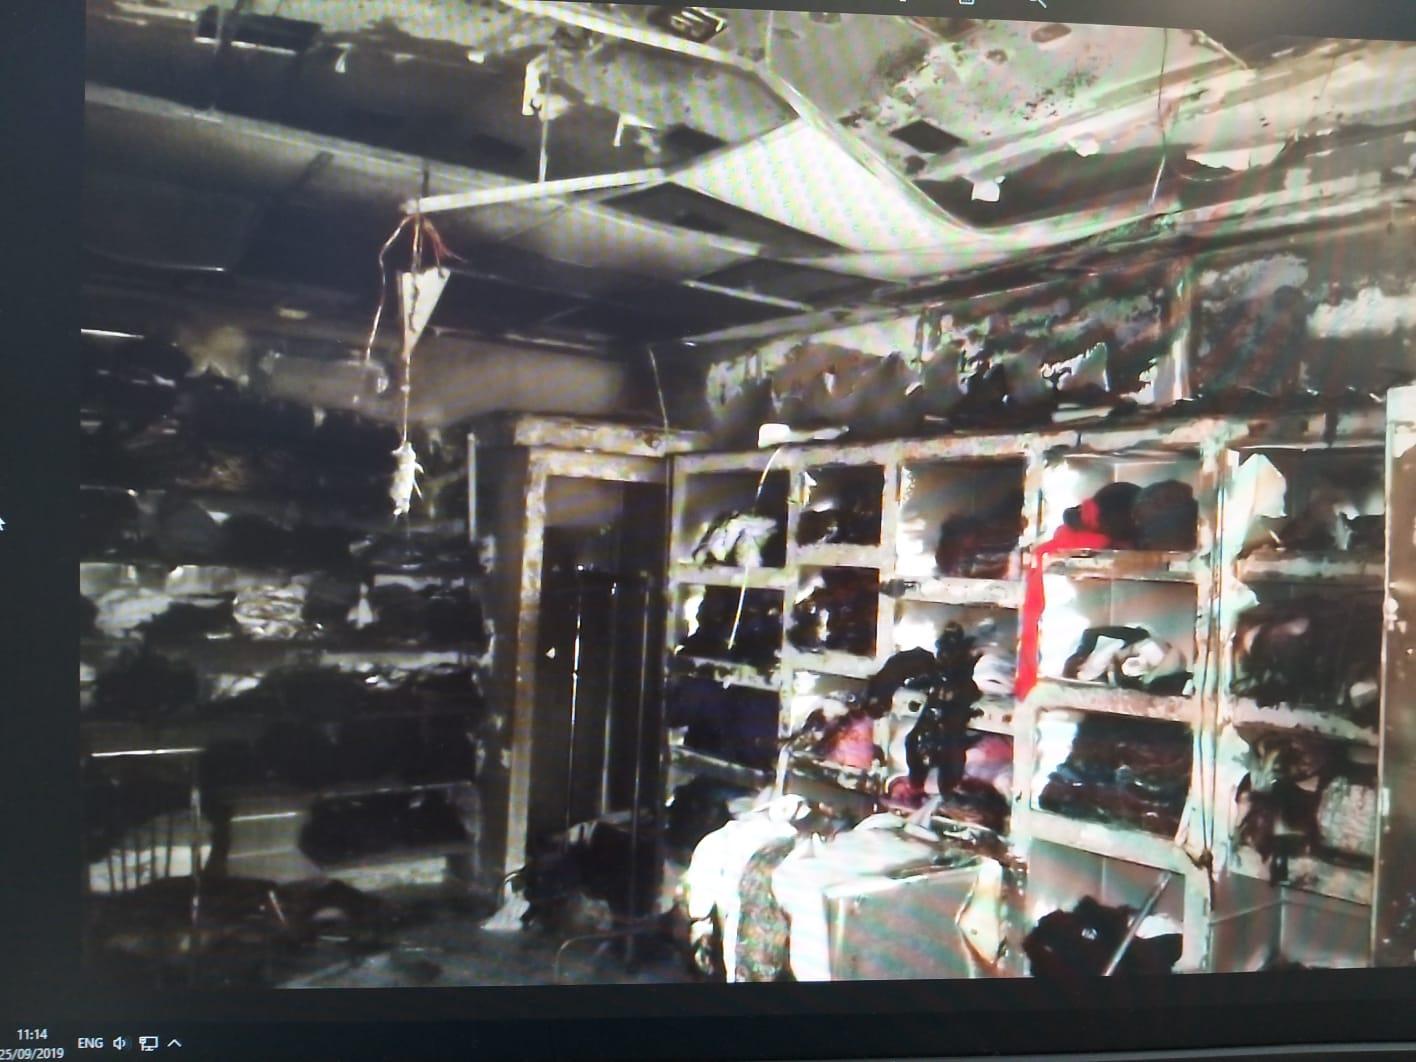 חנות הבגדים שהוצתה ברחוב שבתאי הלוי בחיפה. צילום: דוברות כיבוי חוף